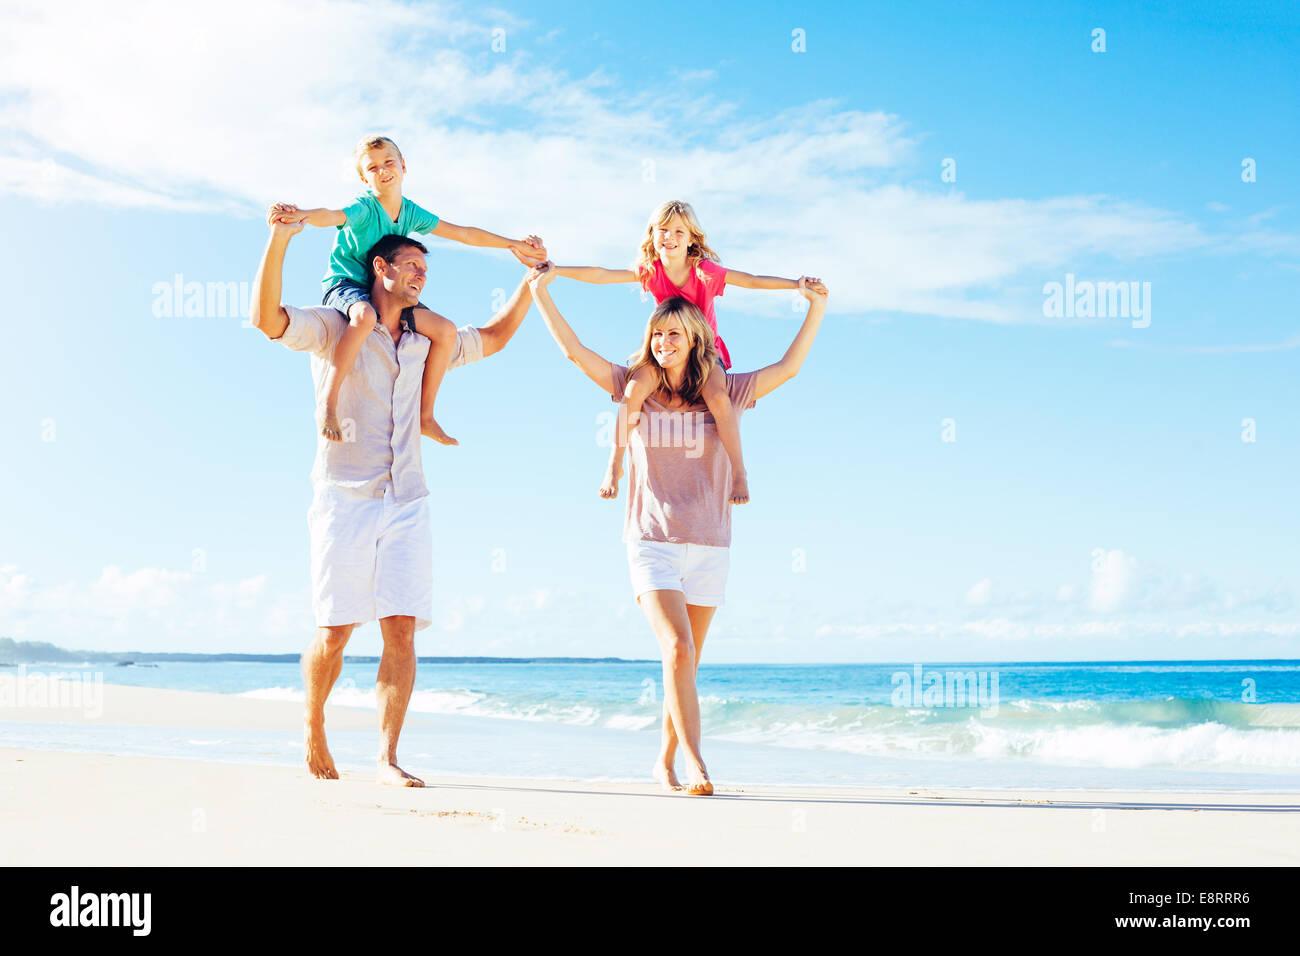 Foto der glücklichen Familie Spaß am Strand. Sommer Lifestyle. Stockbild